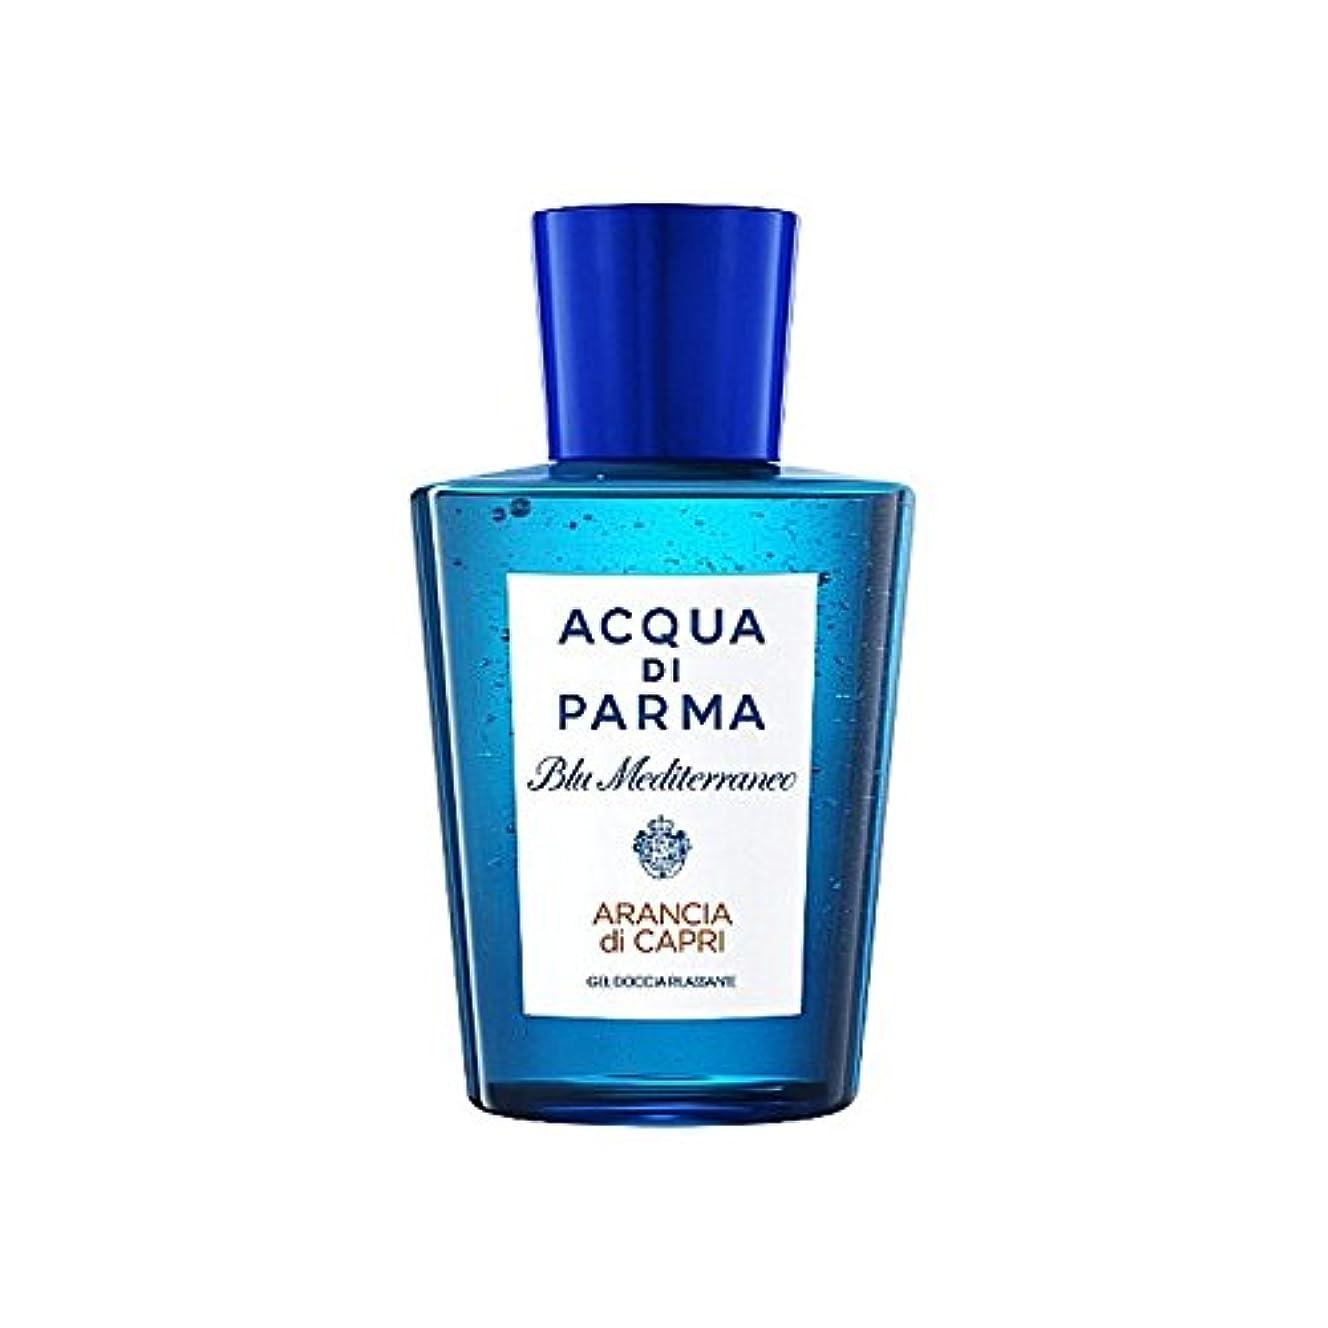 処方収束嘆くAcqua Di Parma Blu Mediterraneo Arancia Di Capri Shower Gel 200ml - アクアディパルマブルーメディのアランシアジカプリシャワージェル200 [並行輸入品]